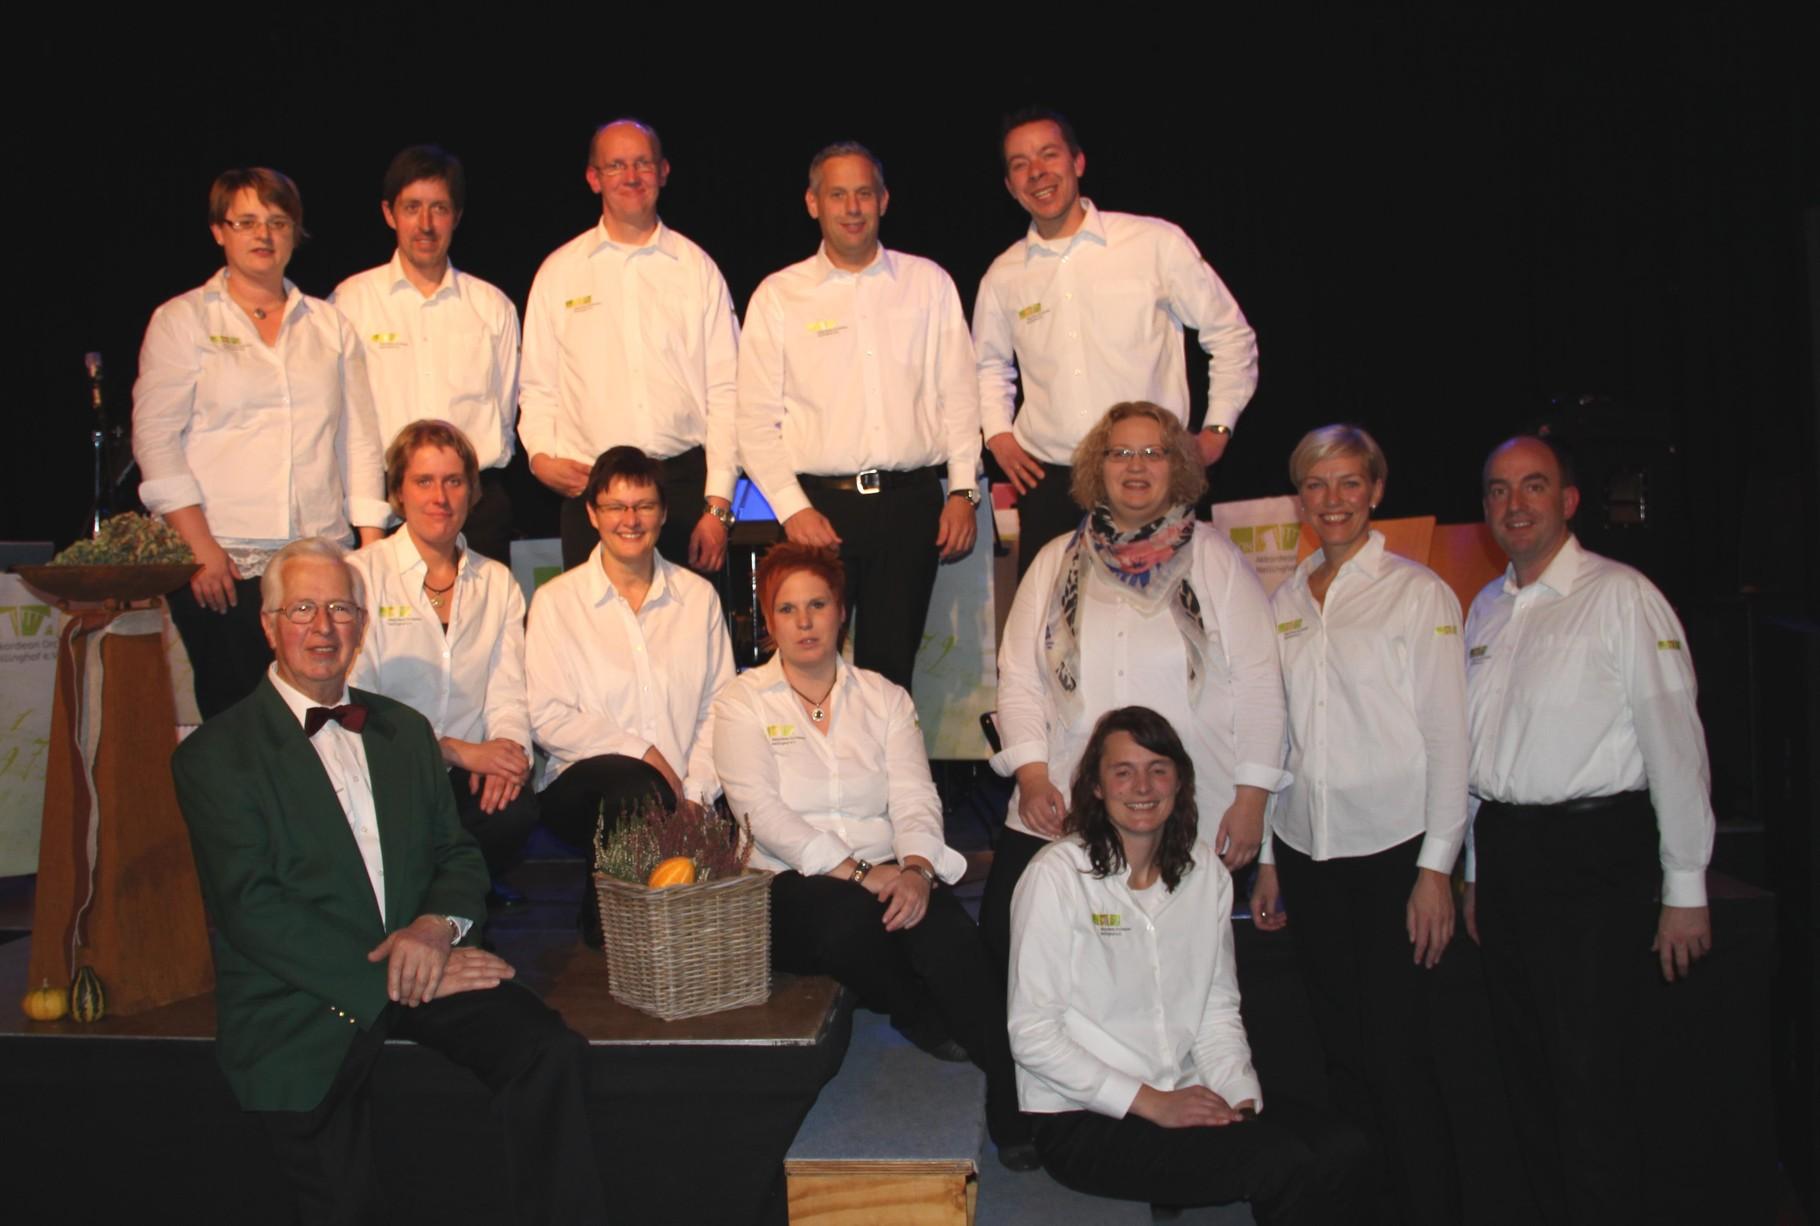 Nach dem Konzert Gruppenbild mit Dirigent